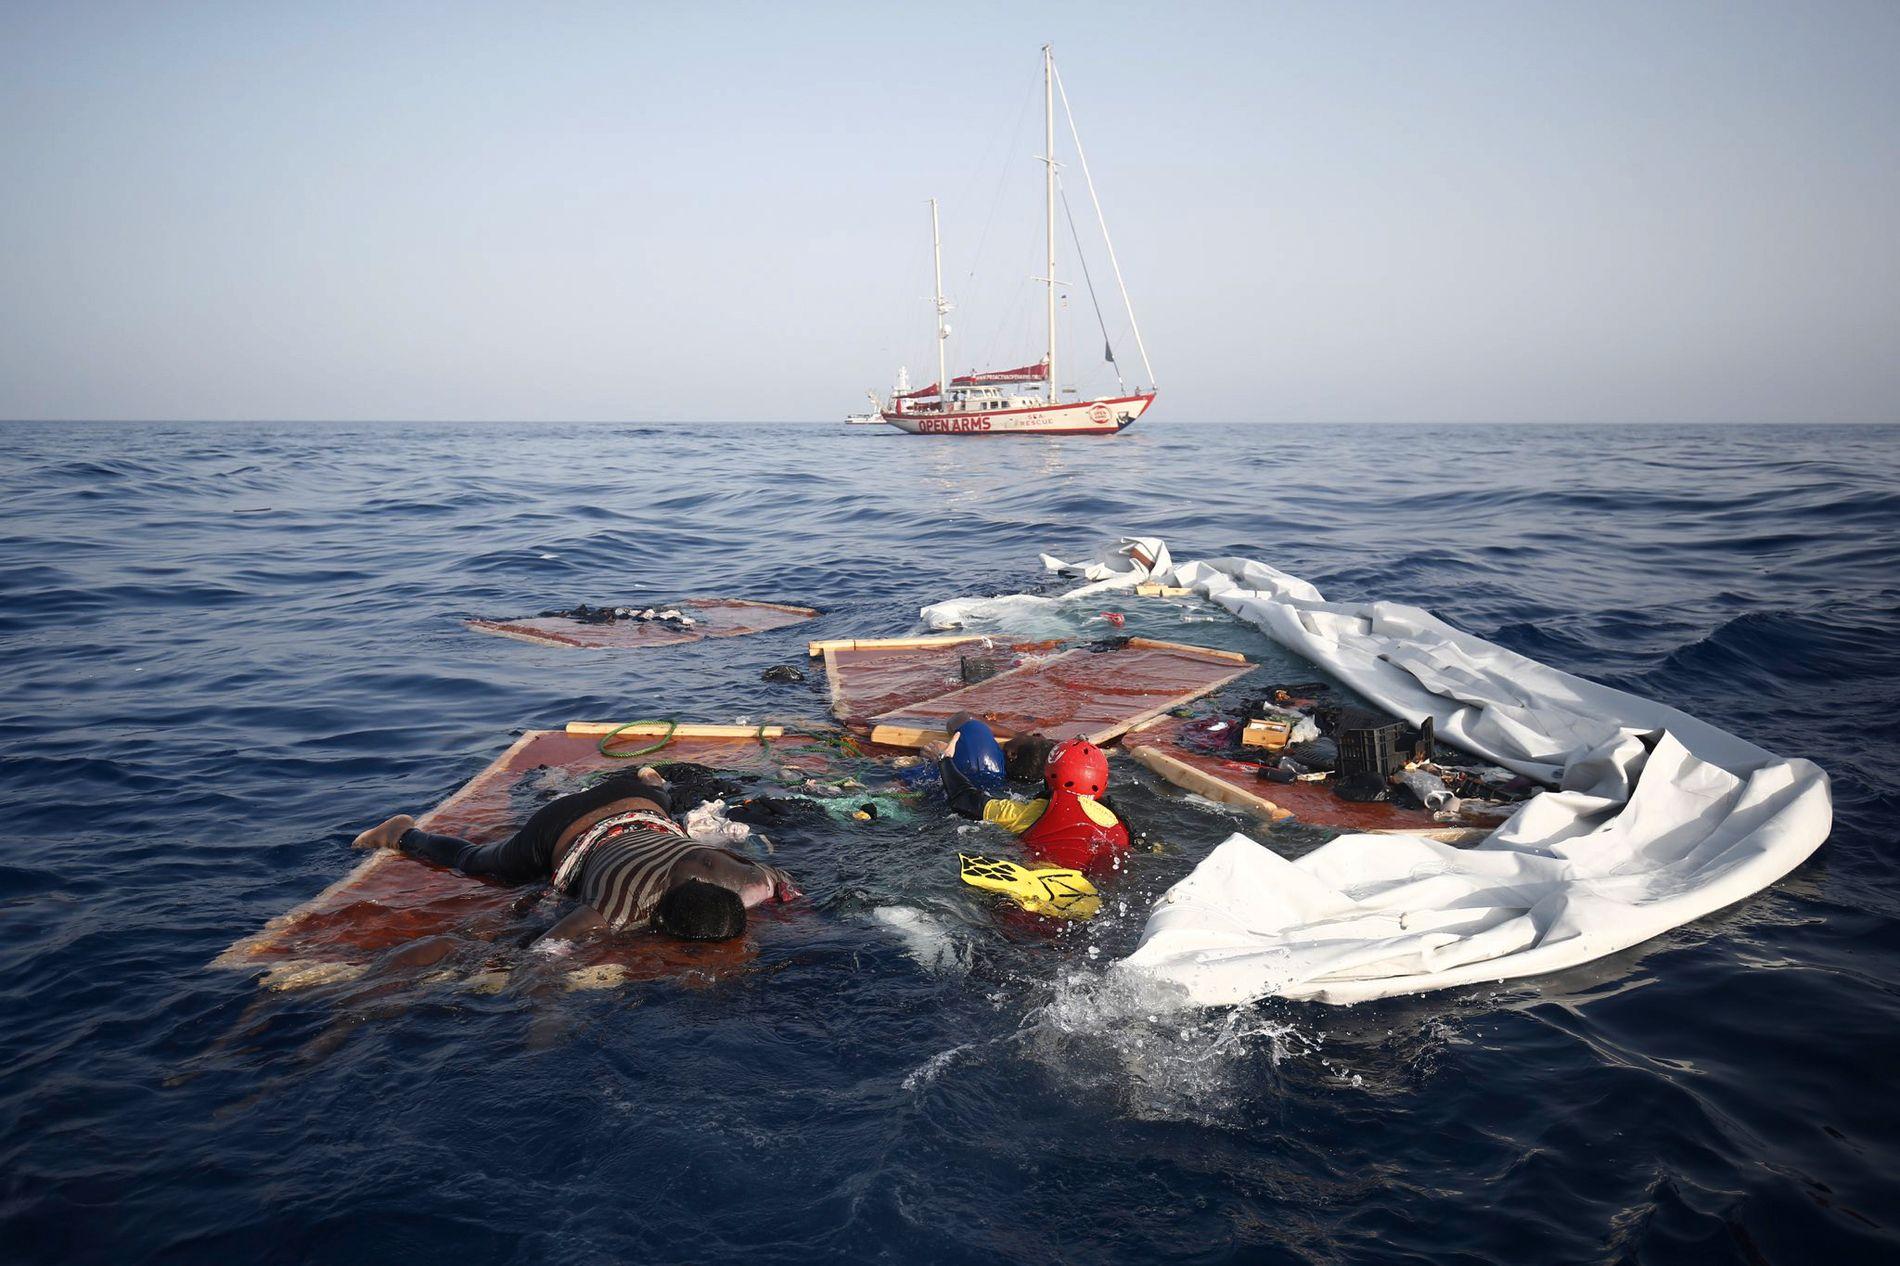 Redningsarbeidere fra spanske Proactiva Open Arms henter opp en død kvinne og et lite barn fra restene av en migrantbåt utenfor Libya tirsdag denne uken. Libyas kystvakt anklages for å ha etterlatt tre mennesker i Middelhavet, hvorav to døde, etter å ha stanset en båt med 160 migranter og flyktninger. Libyas statsminister avviser anklagene.